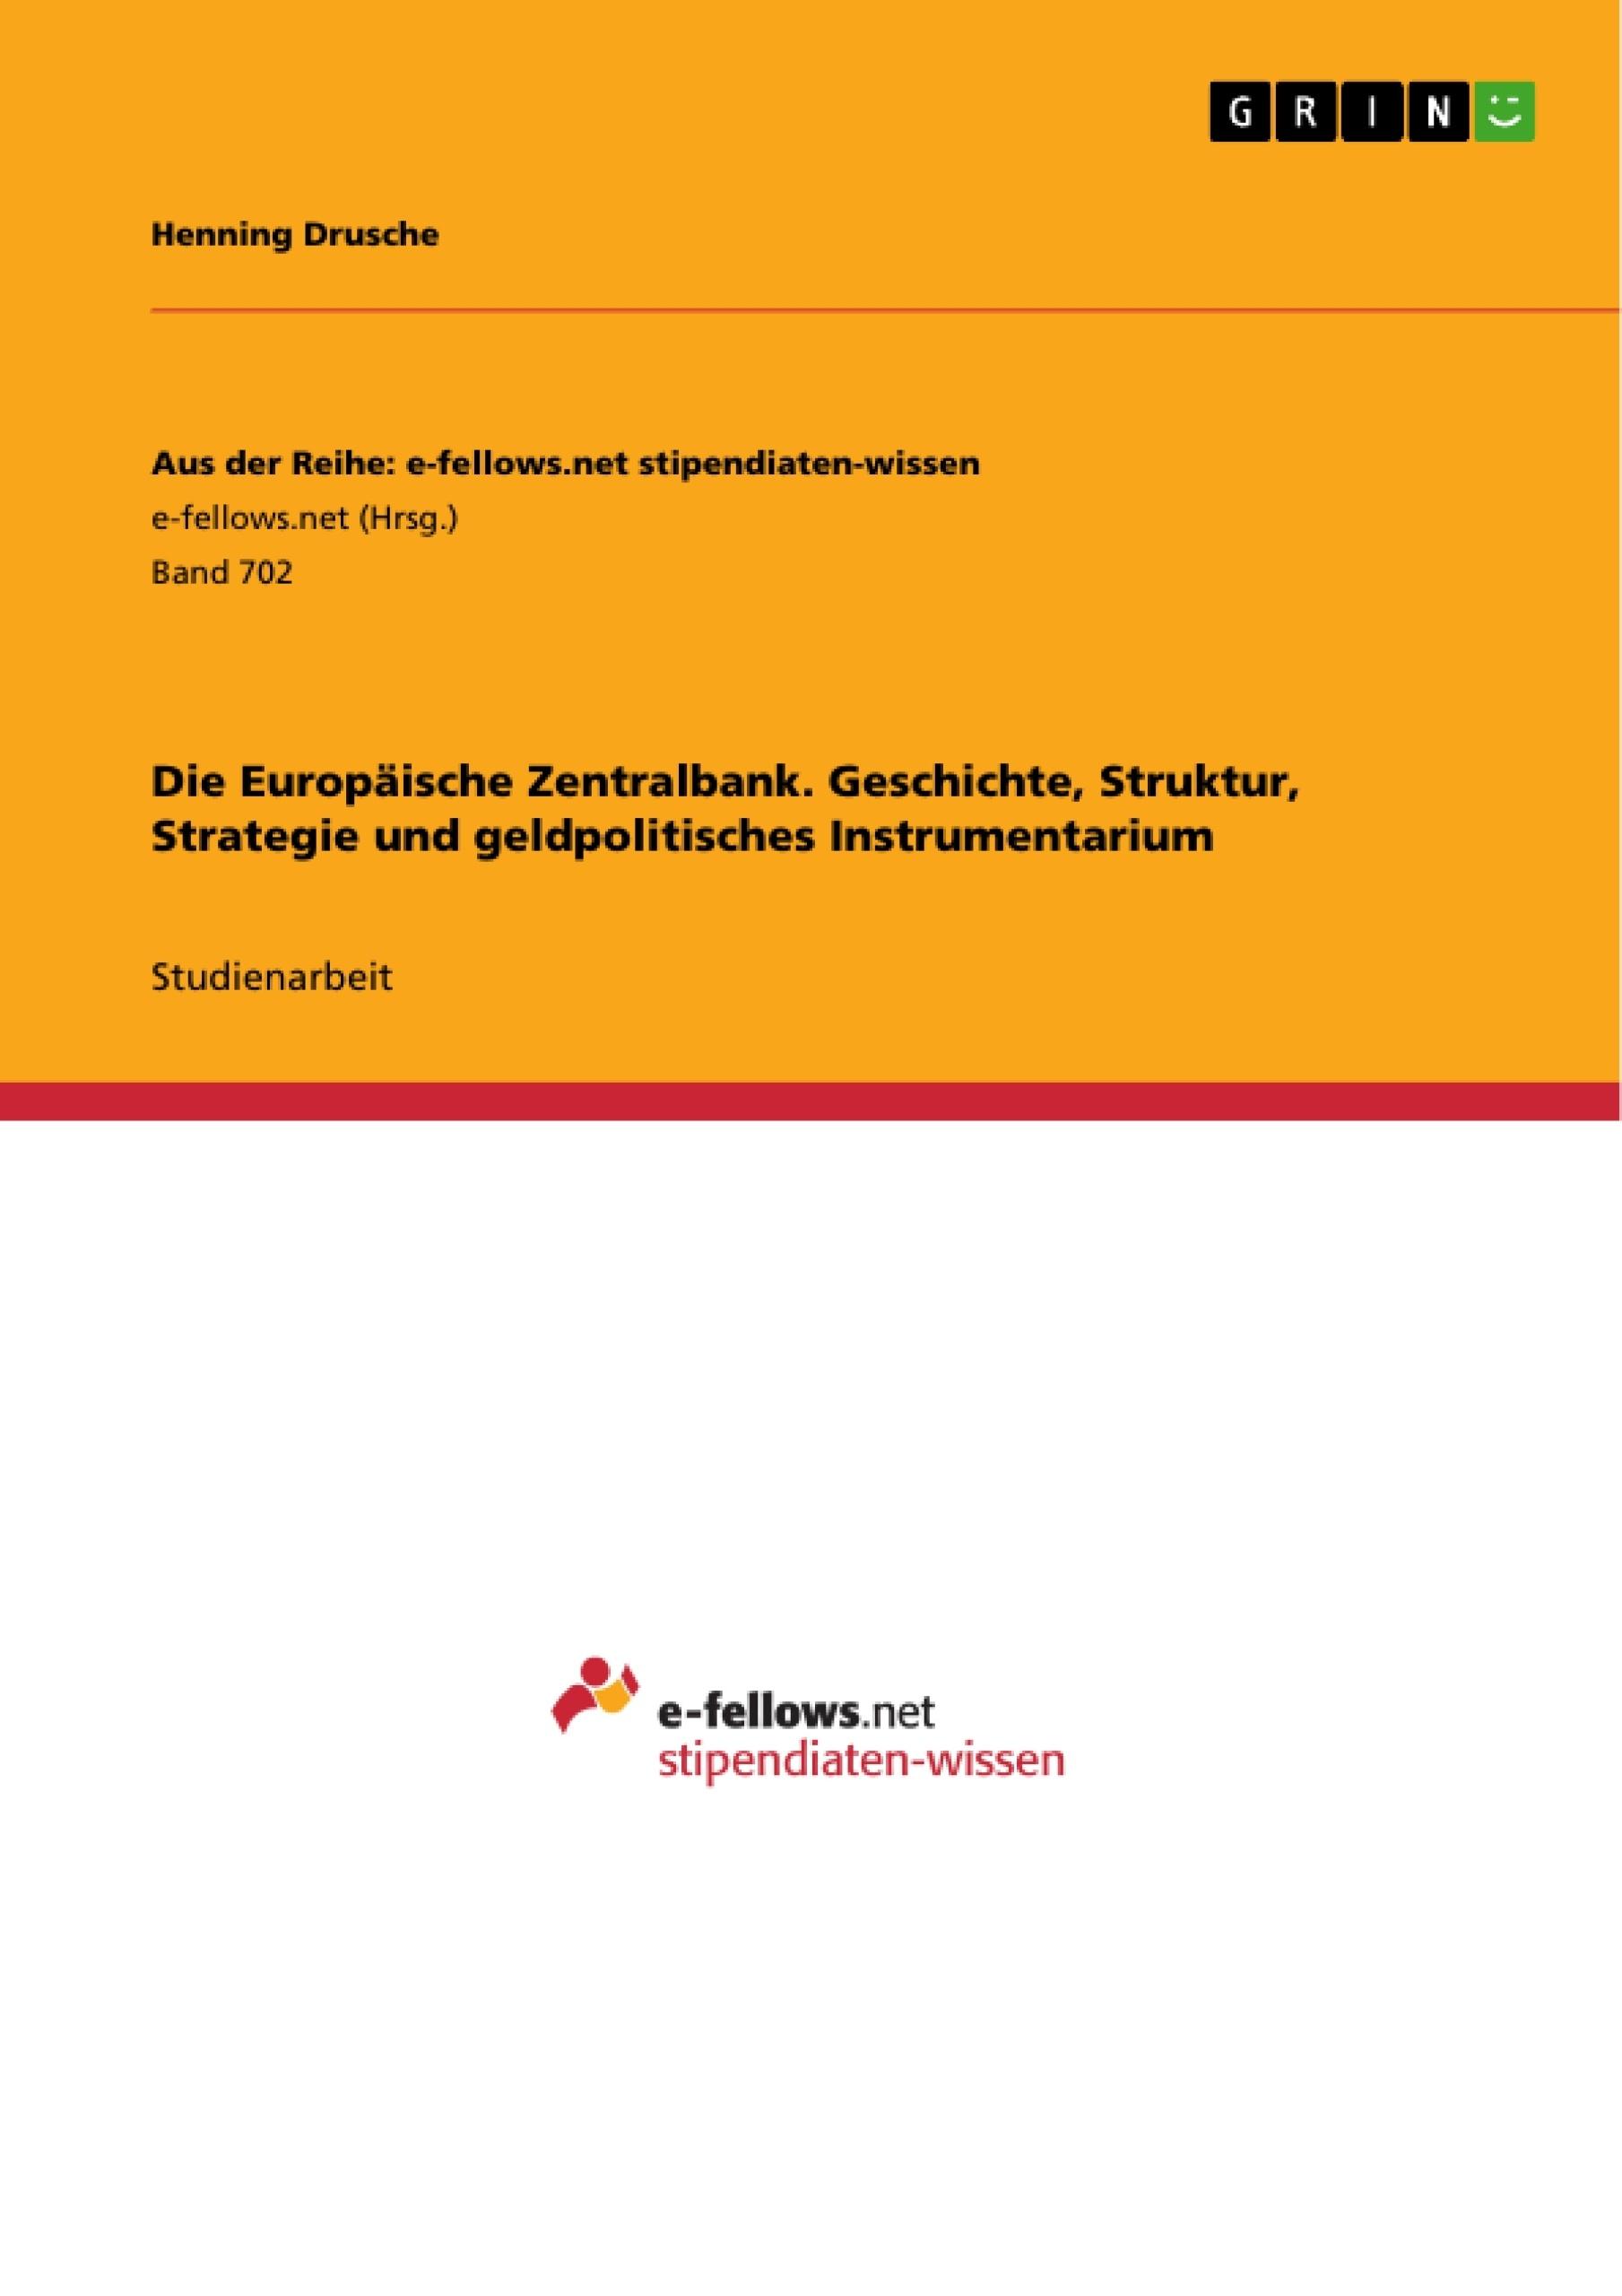 Titel: Die Europäische Zentralbank. Geschichte, Struktur, Strategie und geldpolitisches Instrumentarium